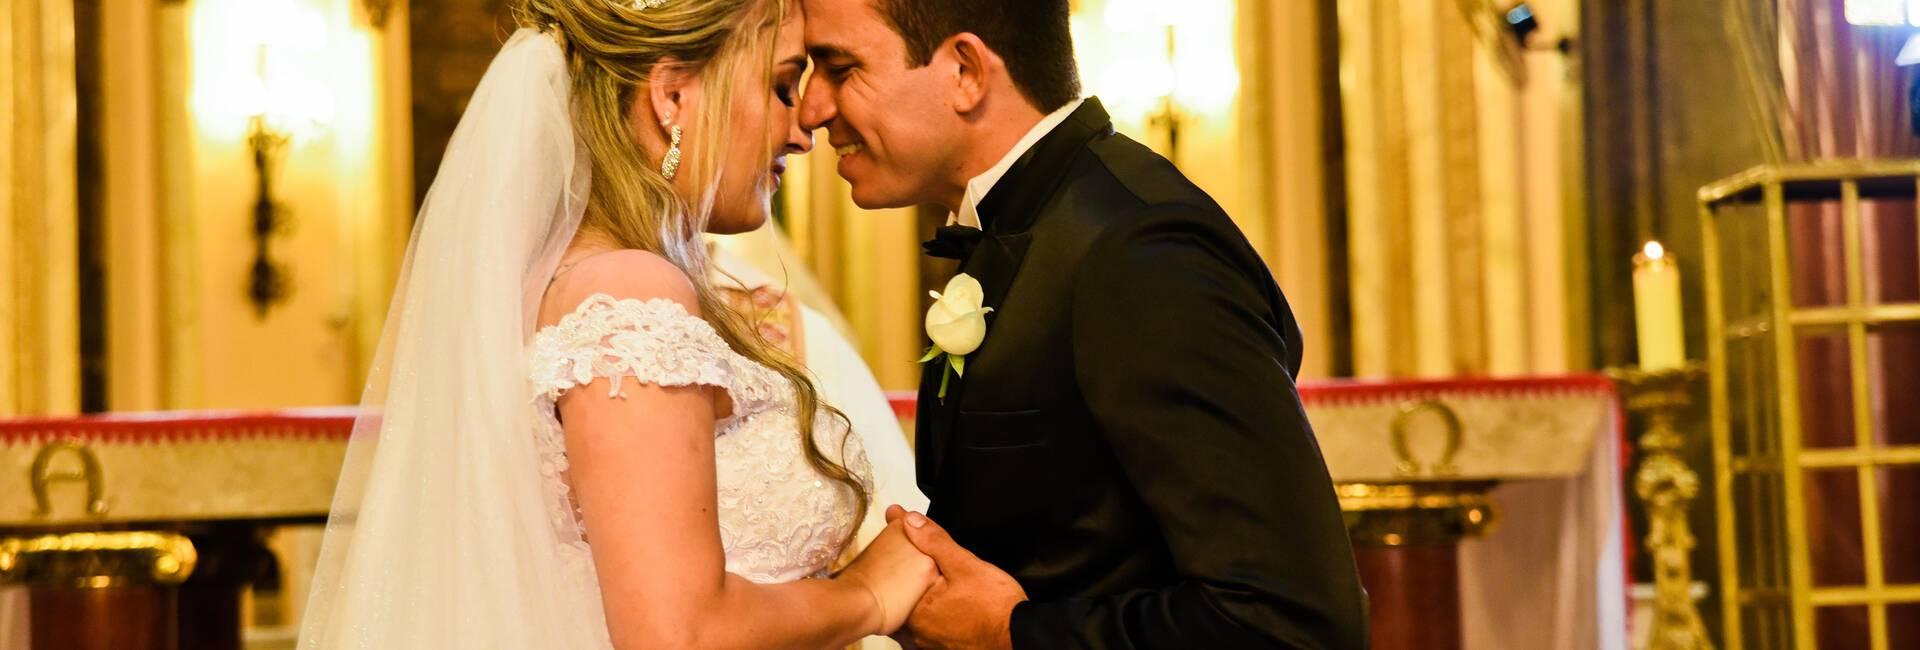 Casamento de Matuzia e Moacir